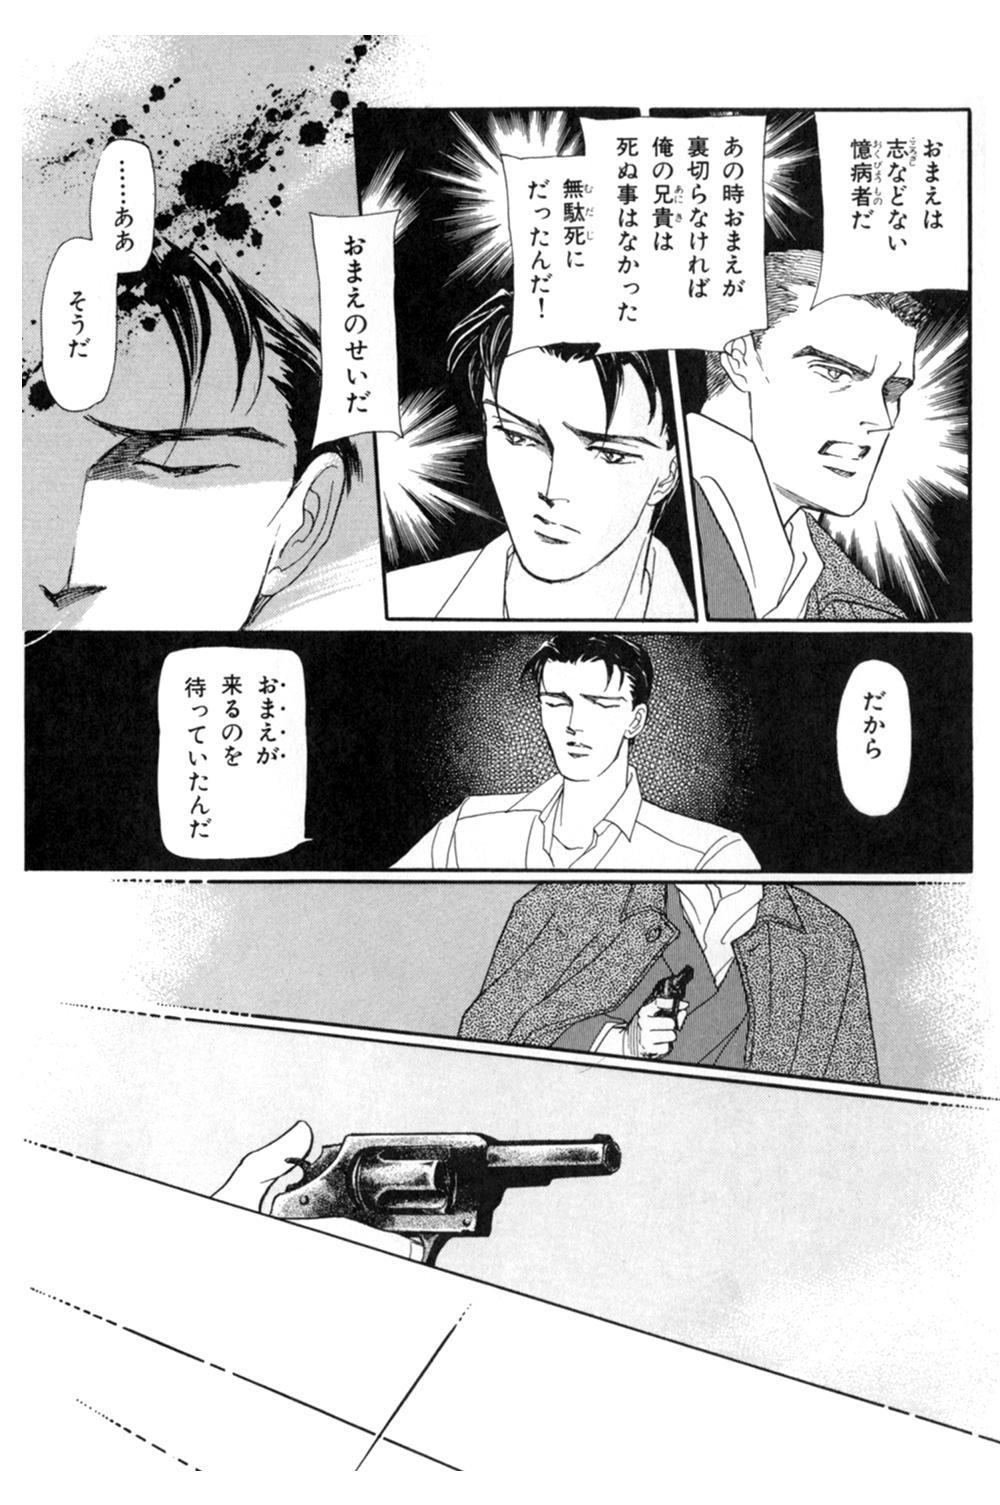 雨柳堂夢咄 第1話「花椿の恋」②uryu18.jpg